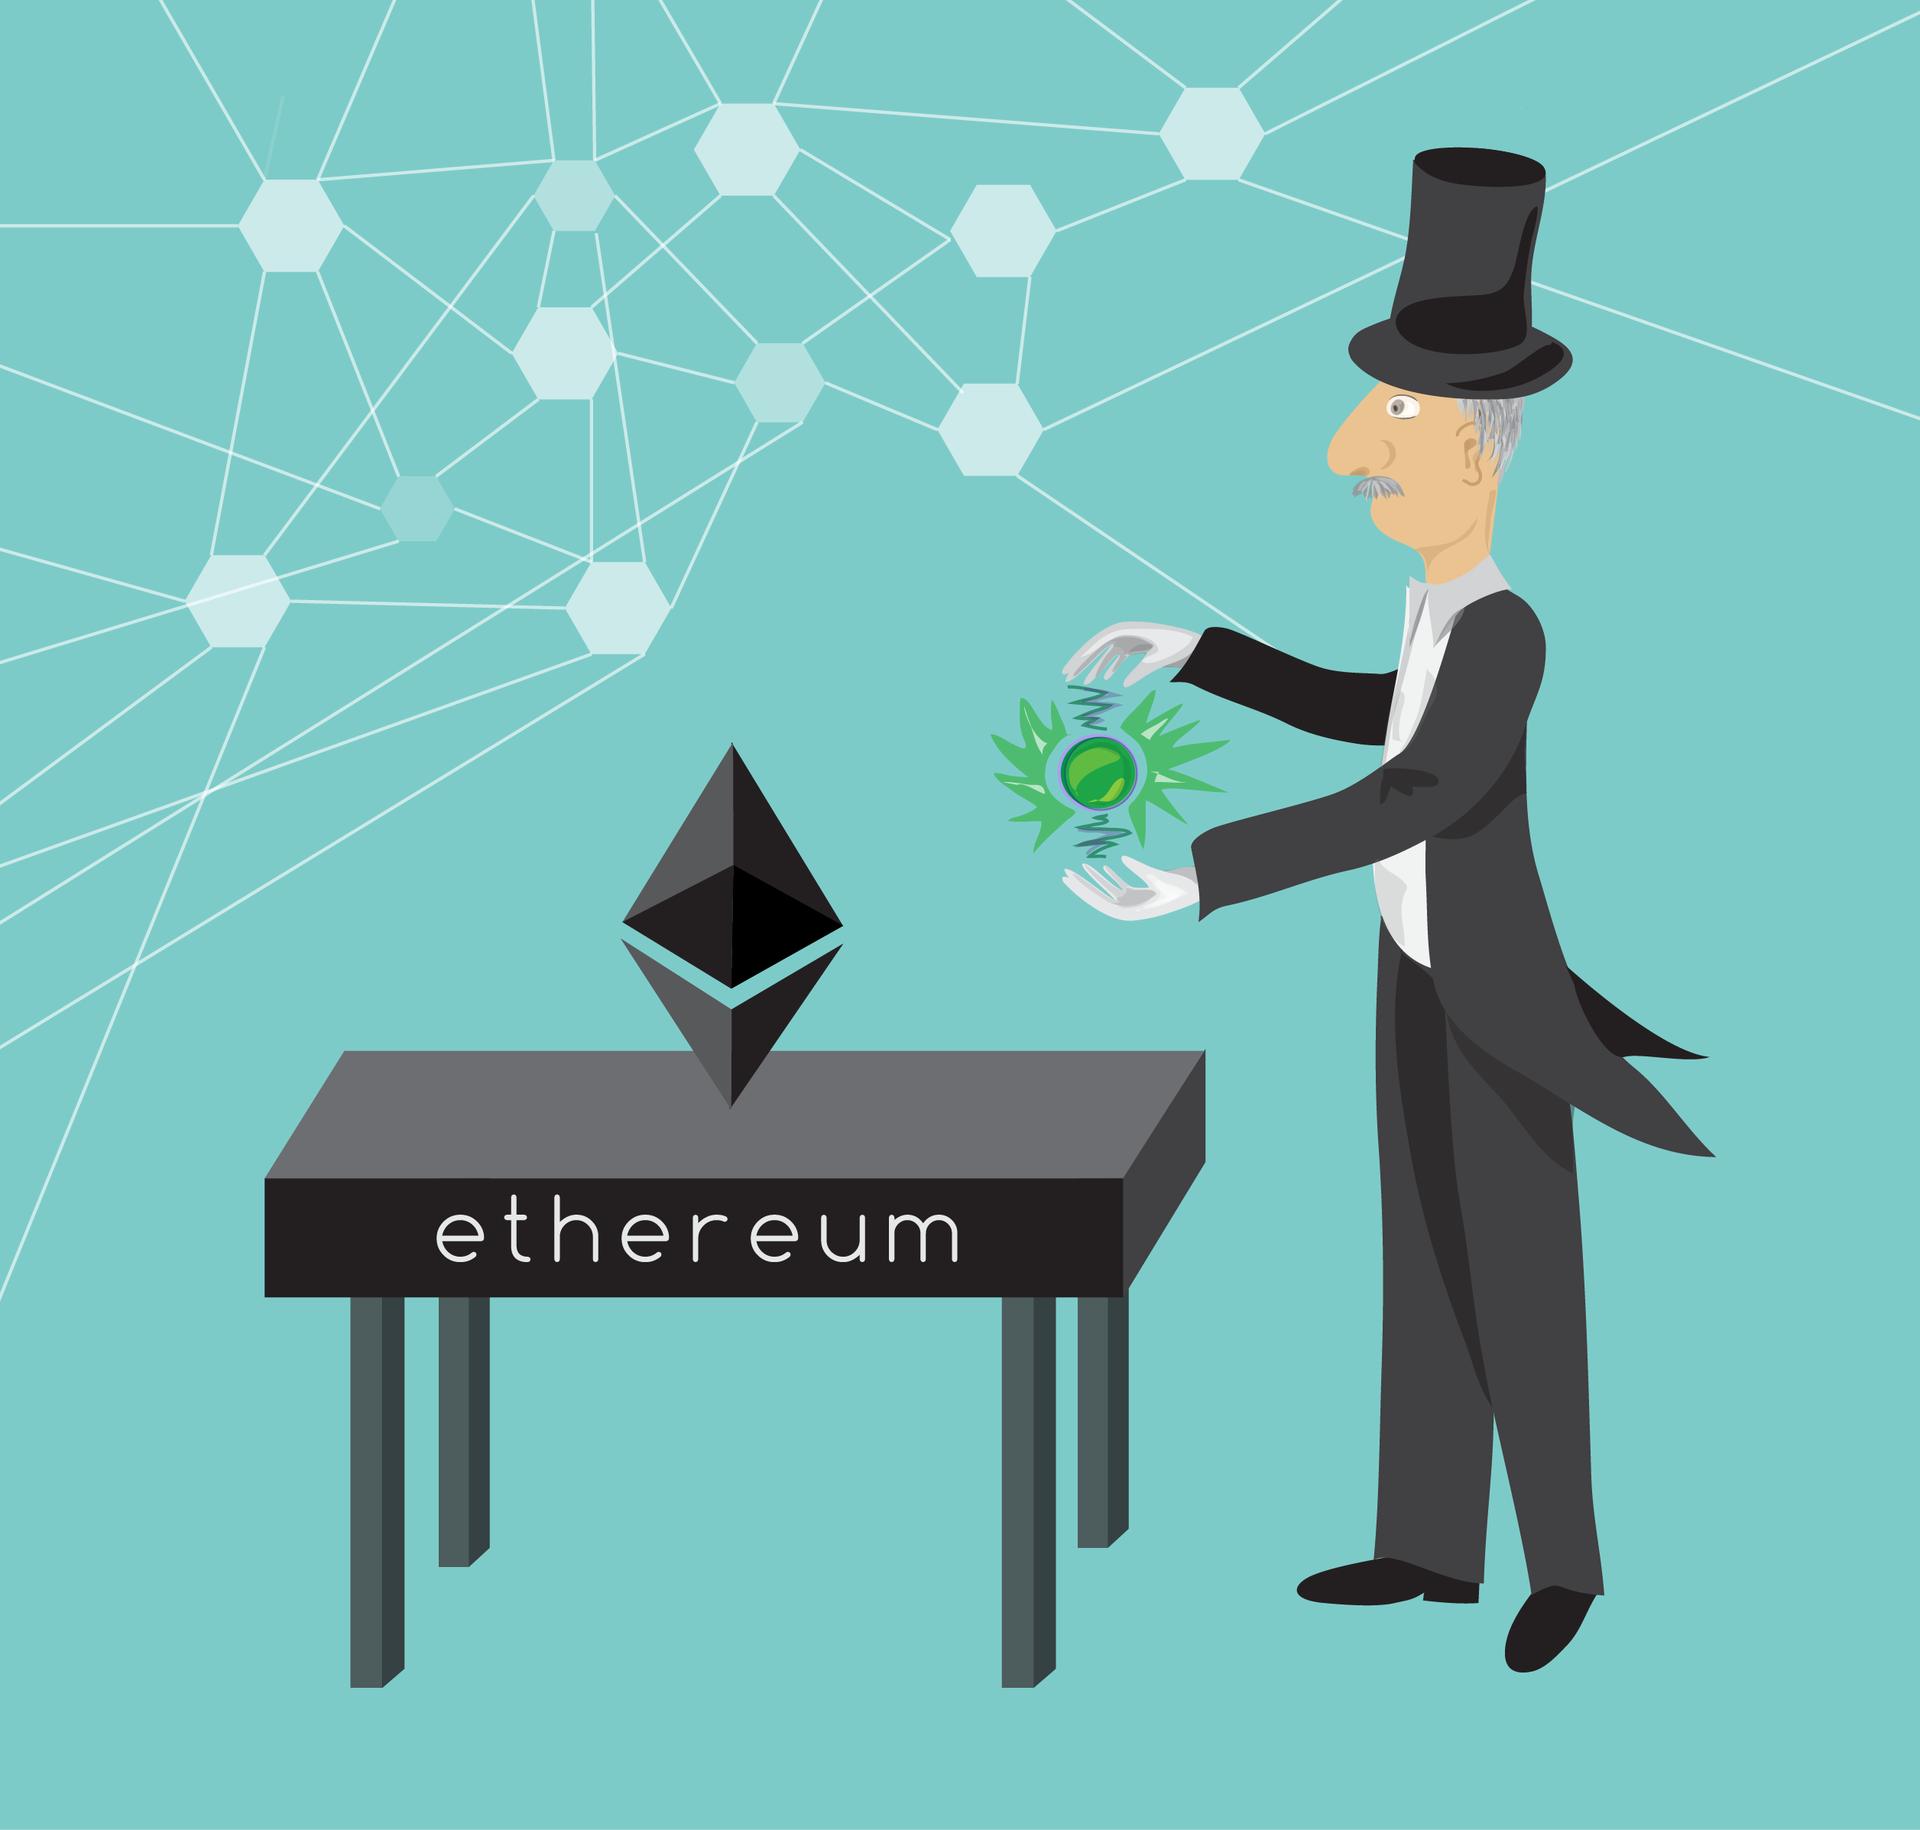 Своя криптовалюта на ethereum - 1